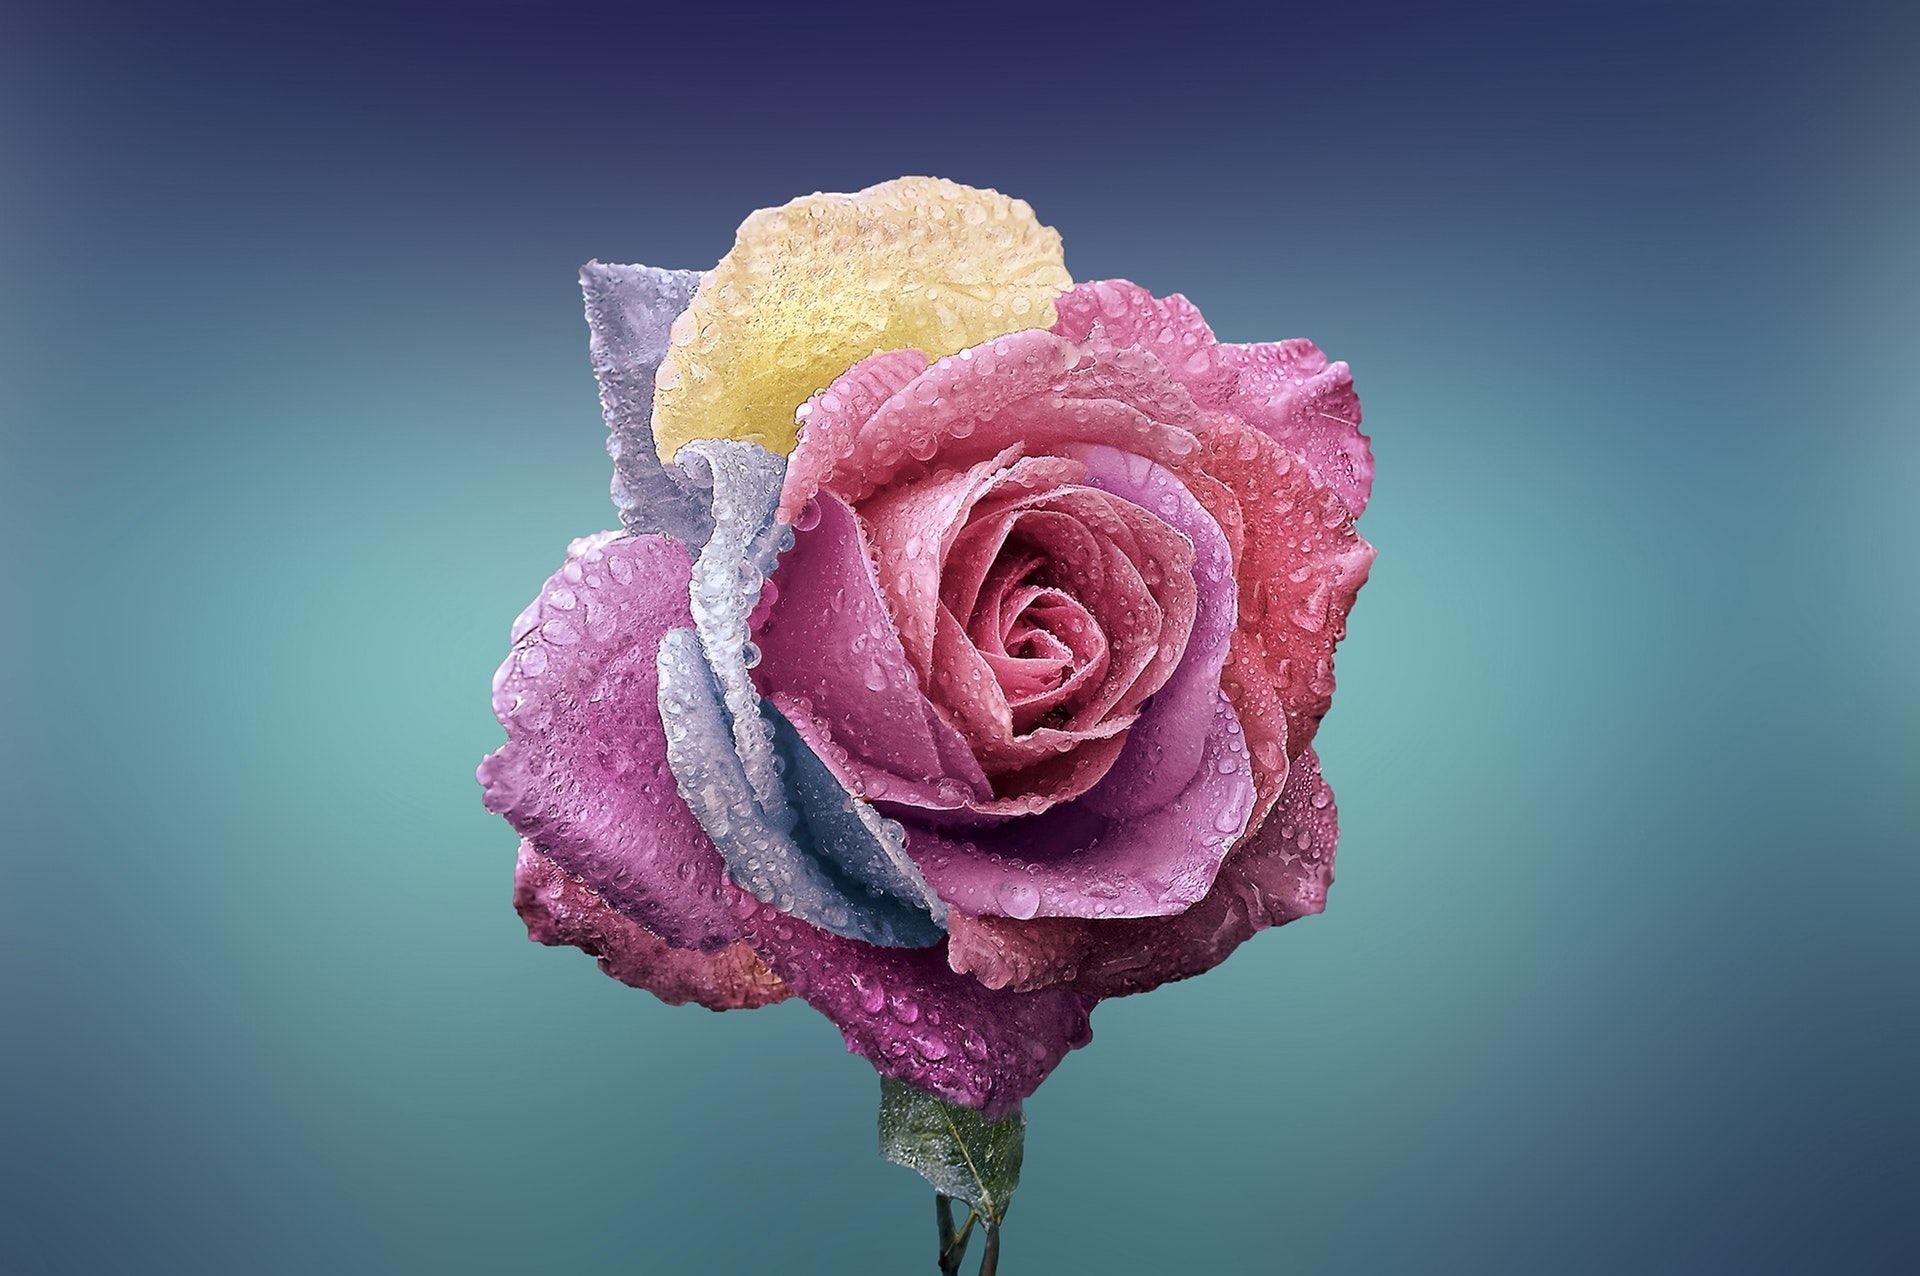 عکس زمینه هنری از گل رز صورتی با شبنم پس زمینه